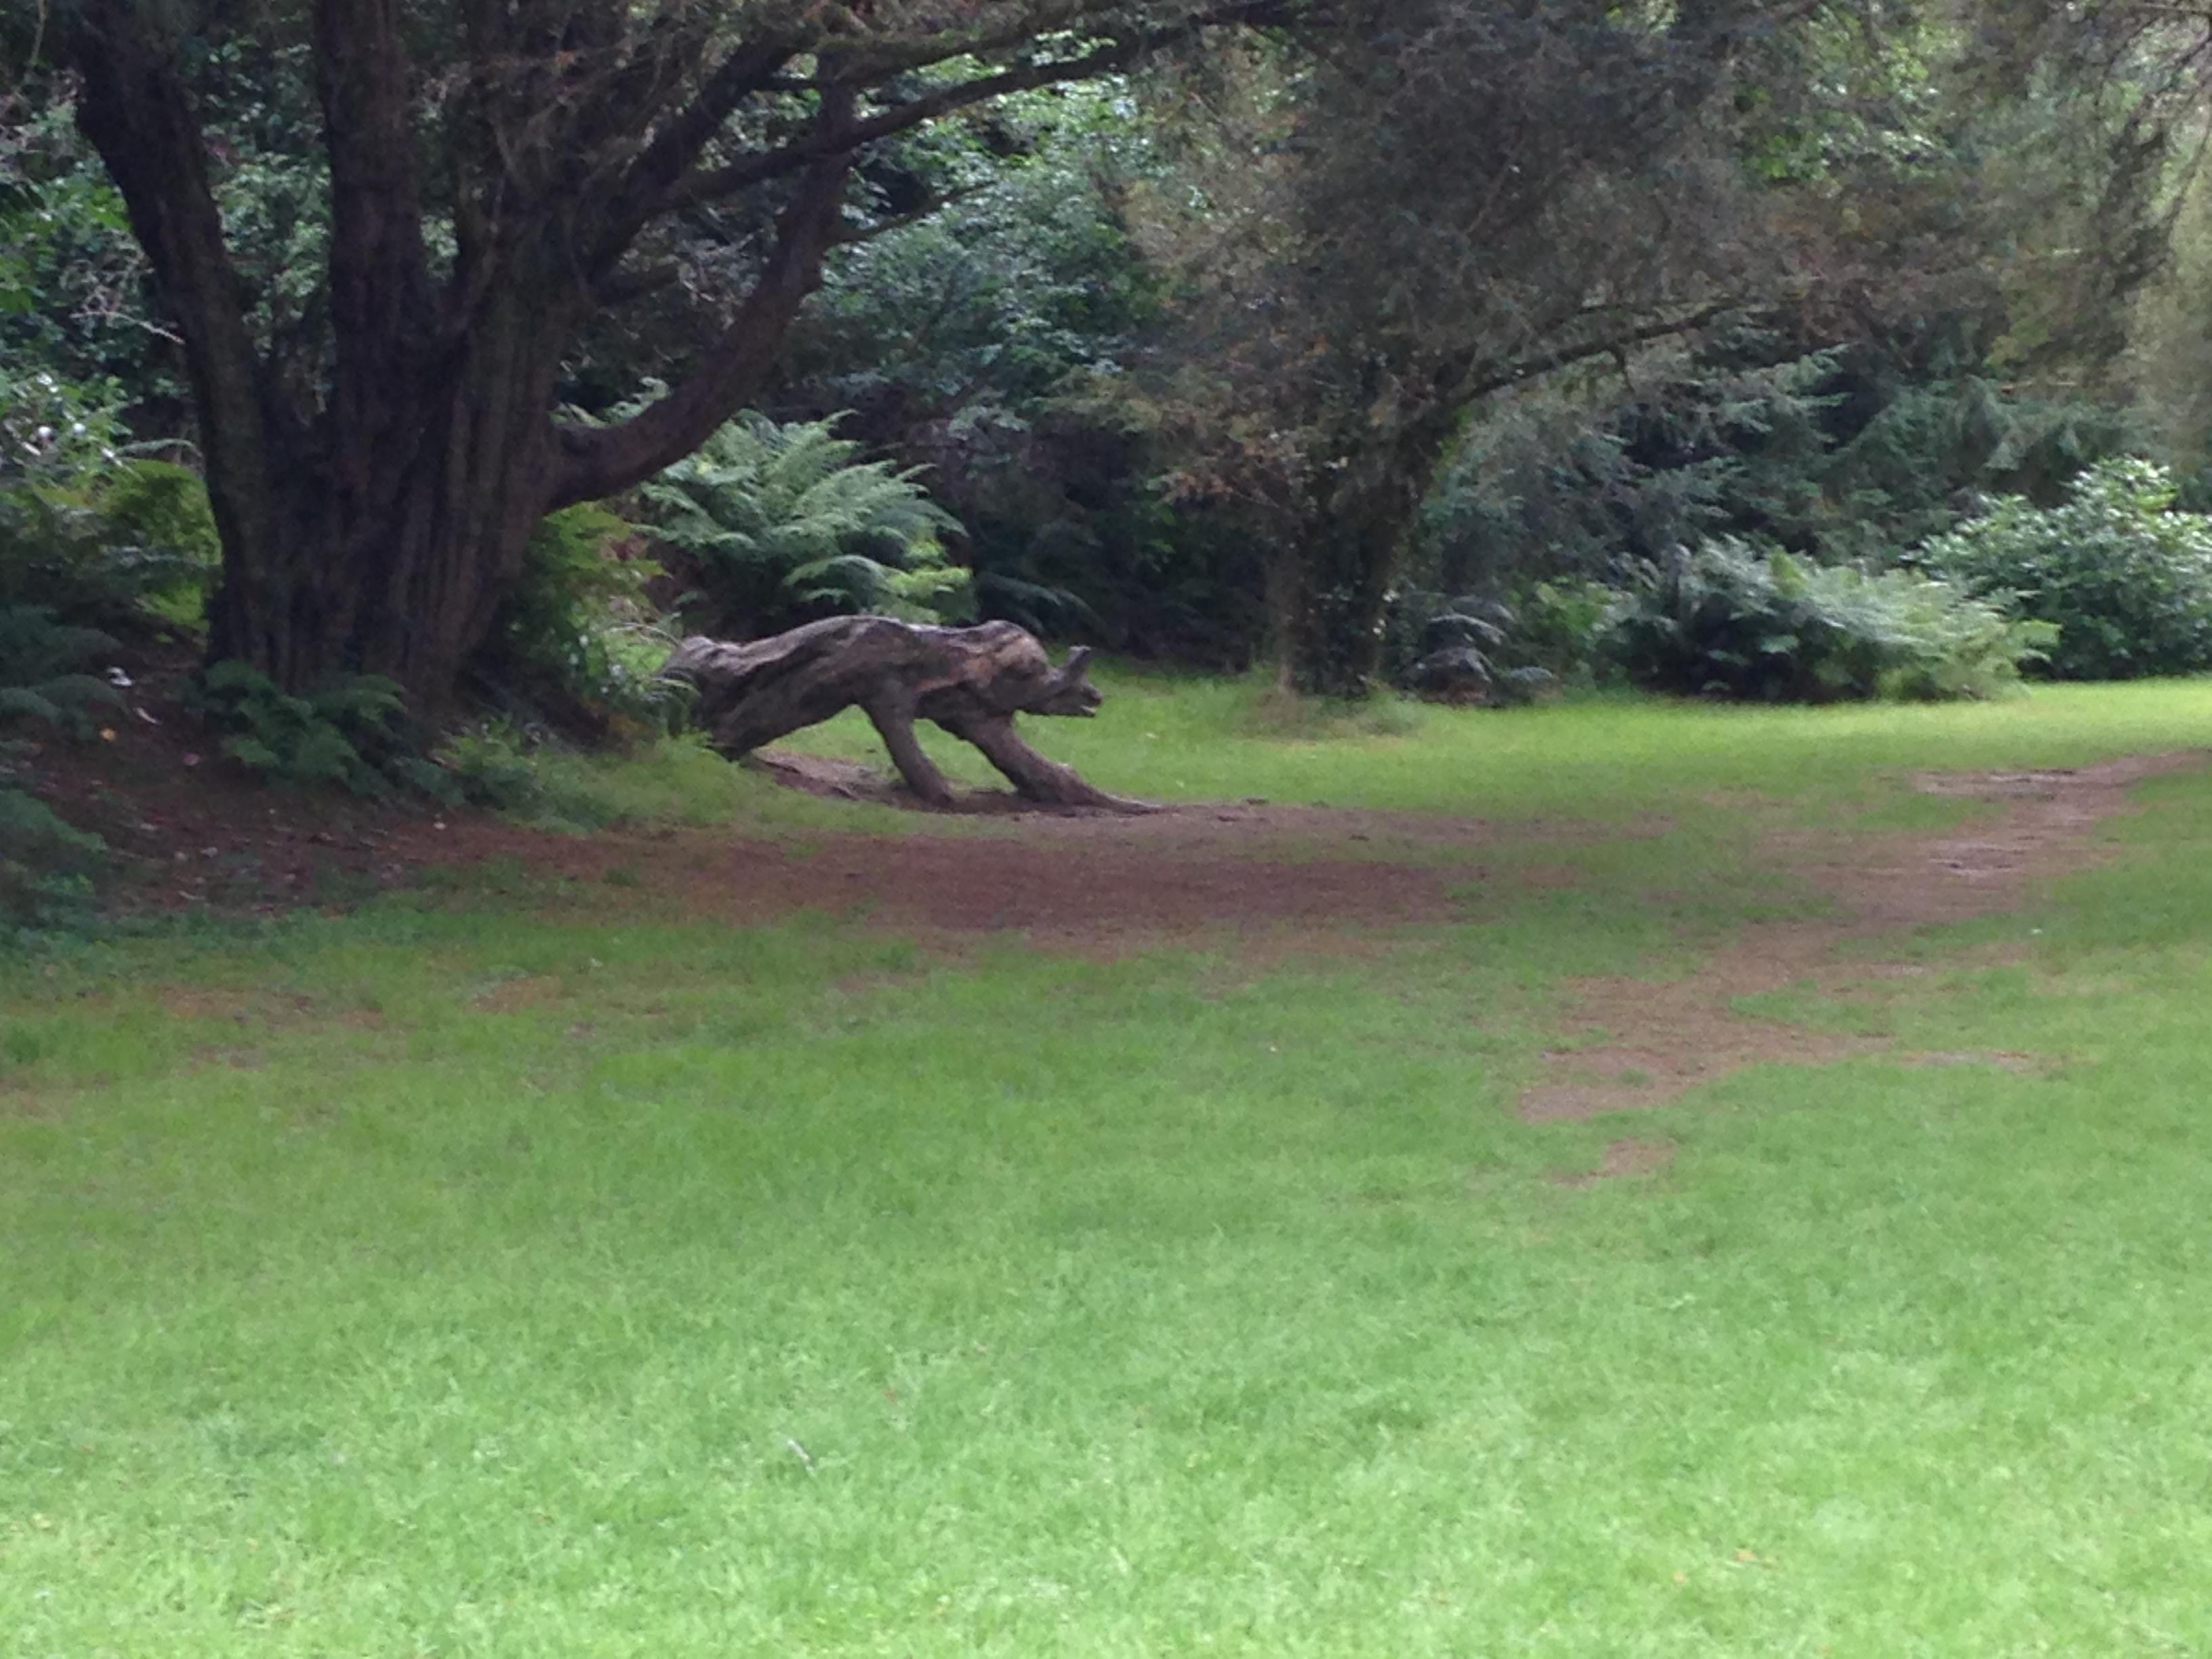 Wicklow Arboretum Gardens